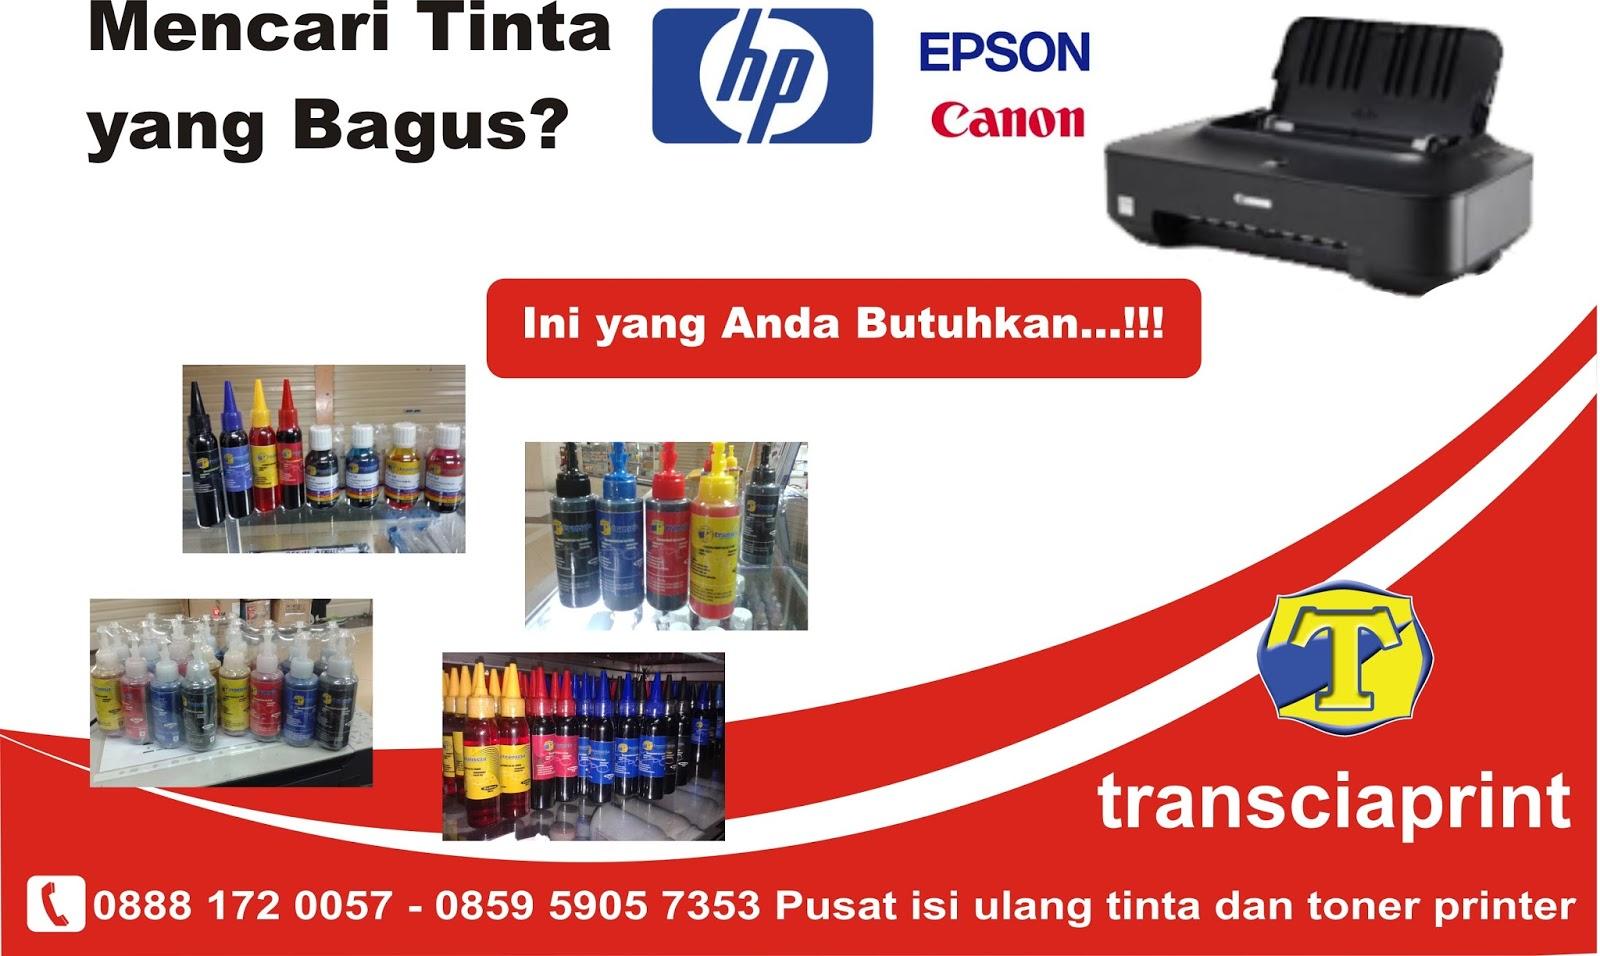 Refill Tinta Toner Printer Inkjet Laserjet Canonhpepsonbrather Infuse System Untuk Hp Epson Brother Canon Supplier Dan Transcia Print Sedia Dengan Kualitas Yang Terbaik Produk Lainnya Harga Jauh Lebih